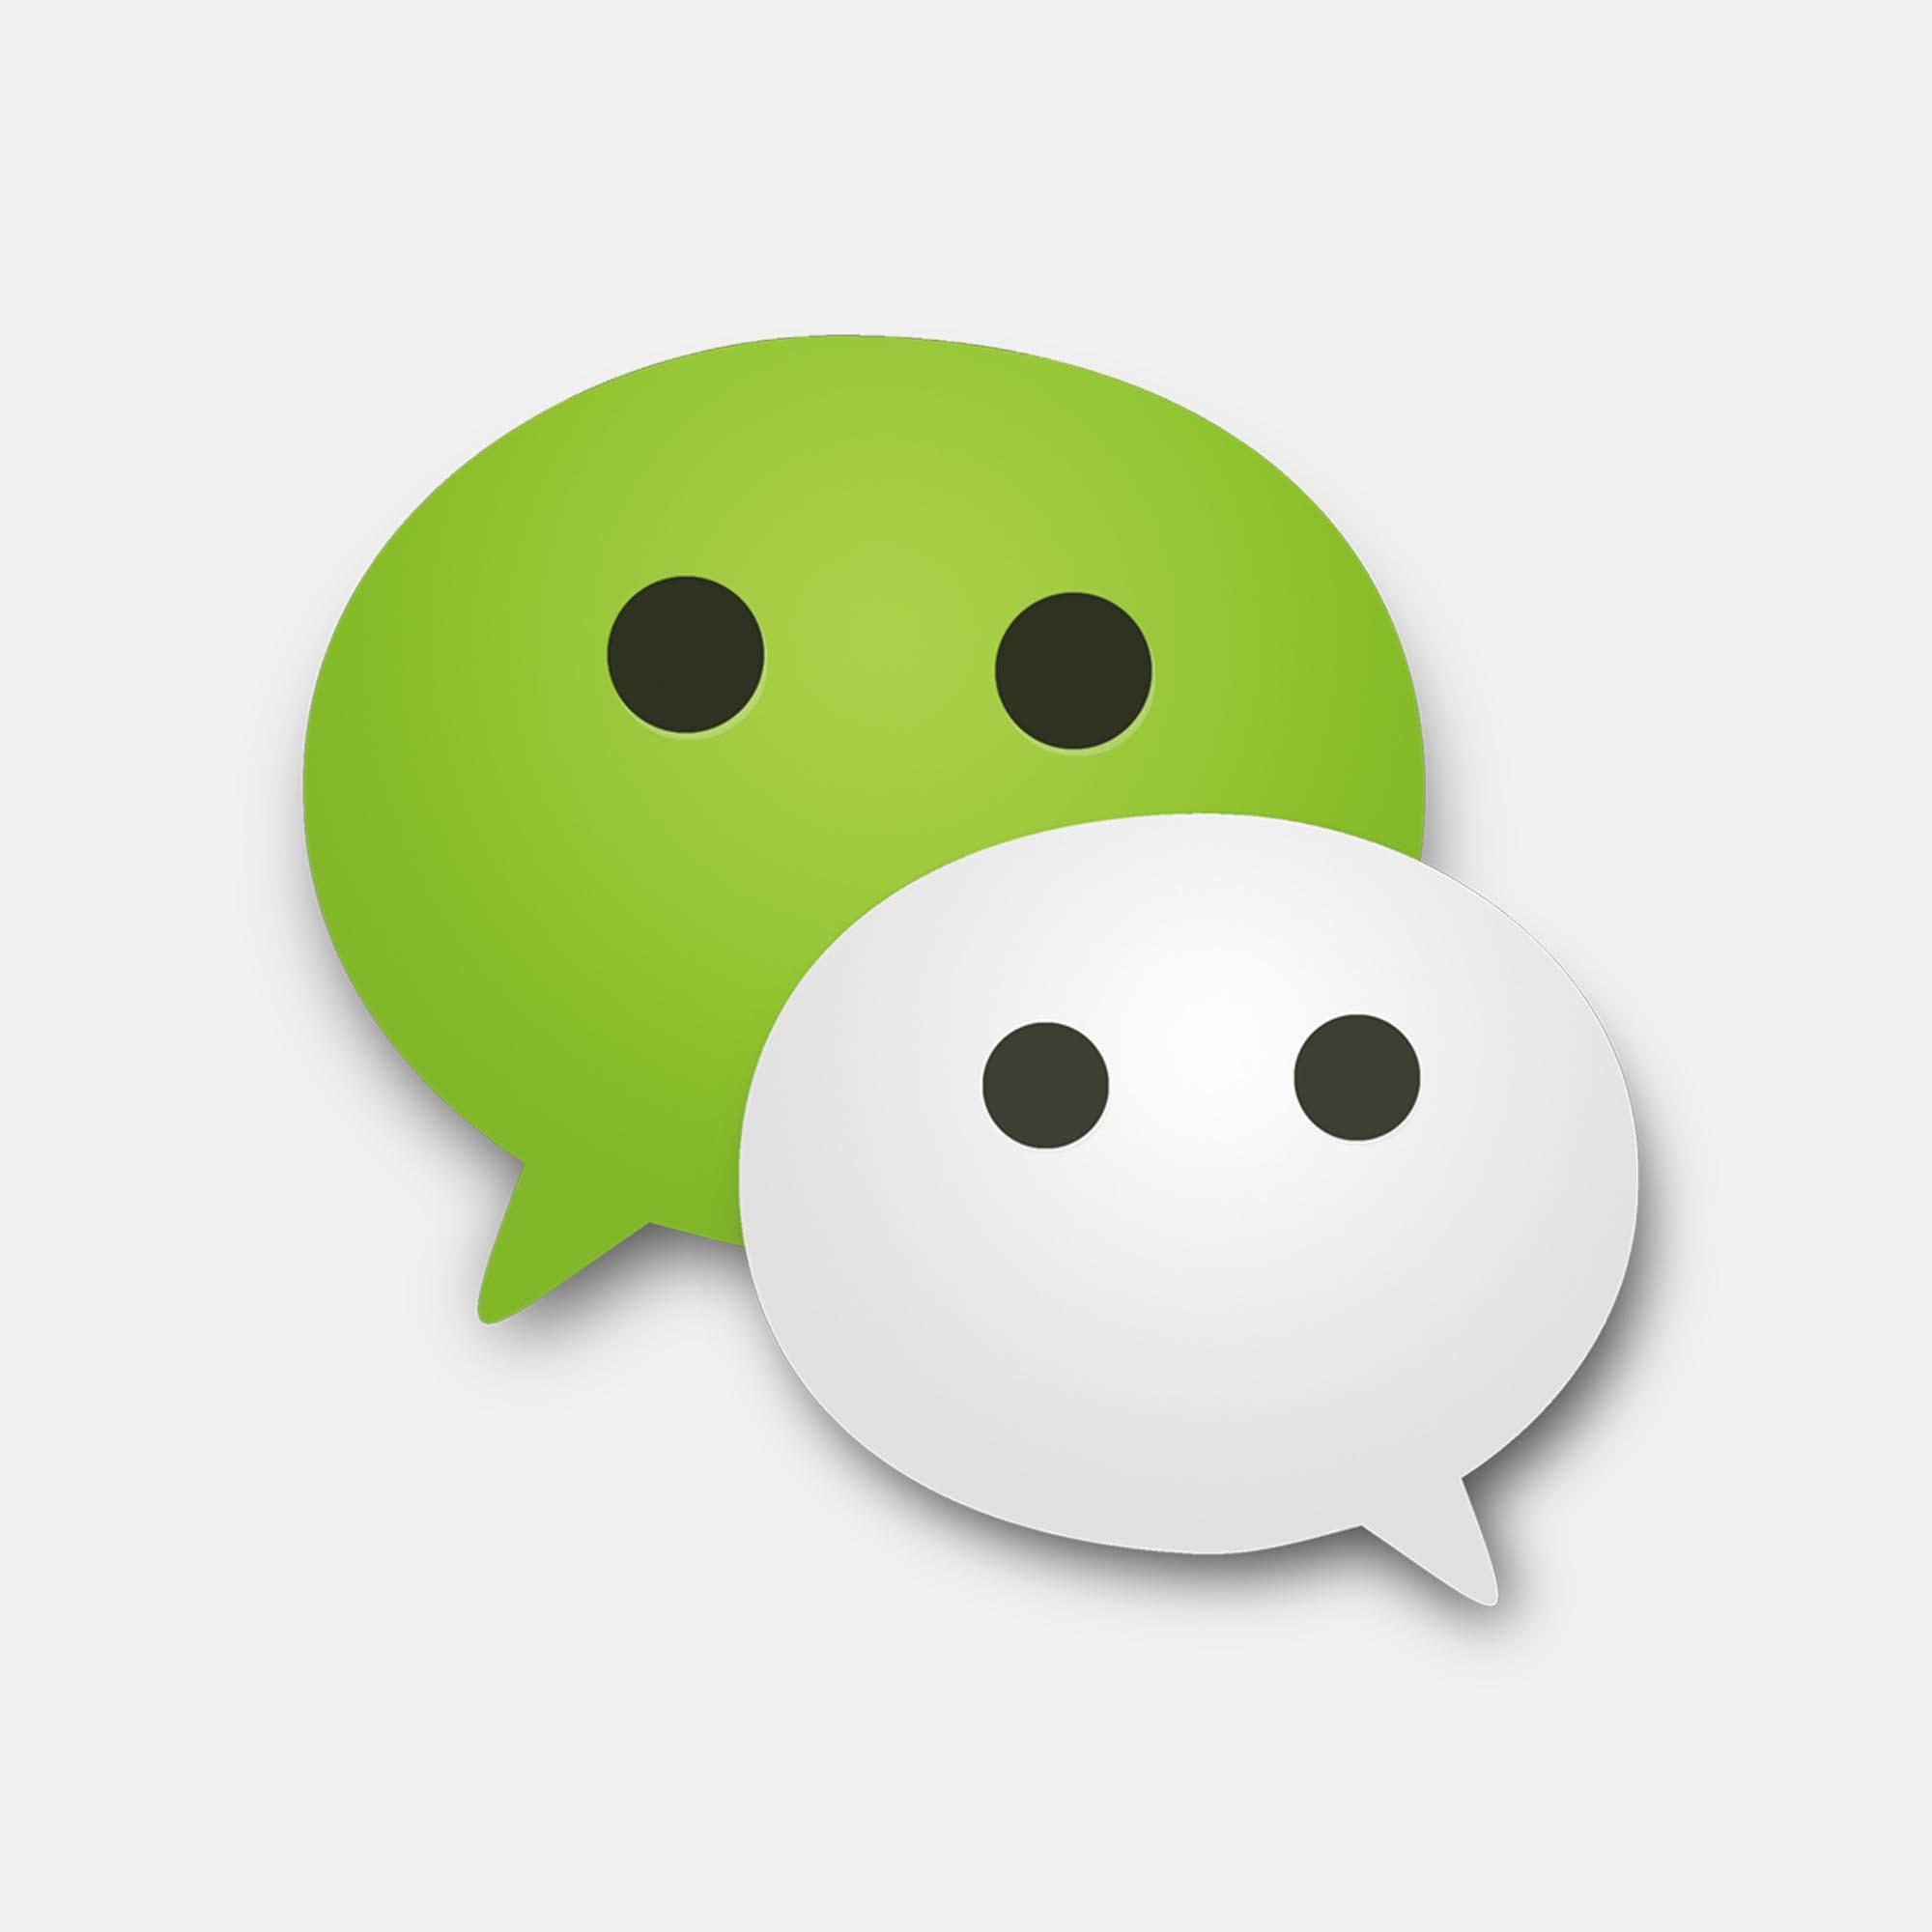 微信闪退怎么办?送上安卓手机和iphone解决方法